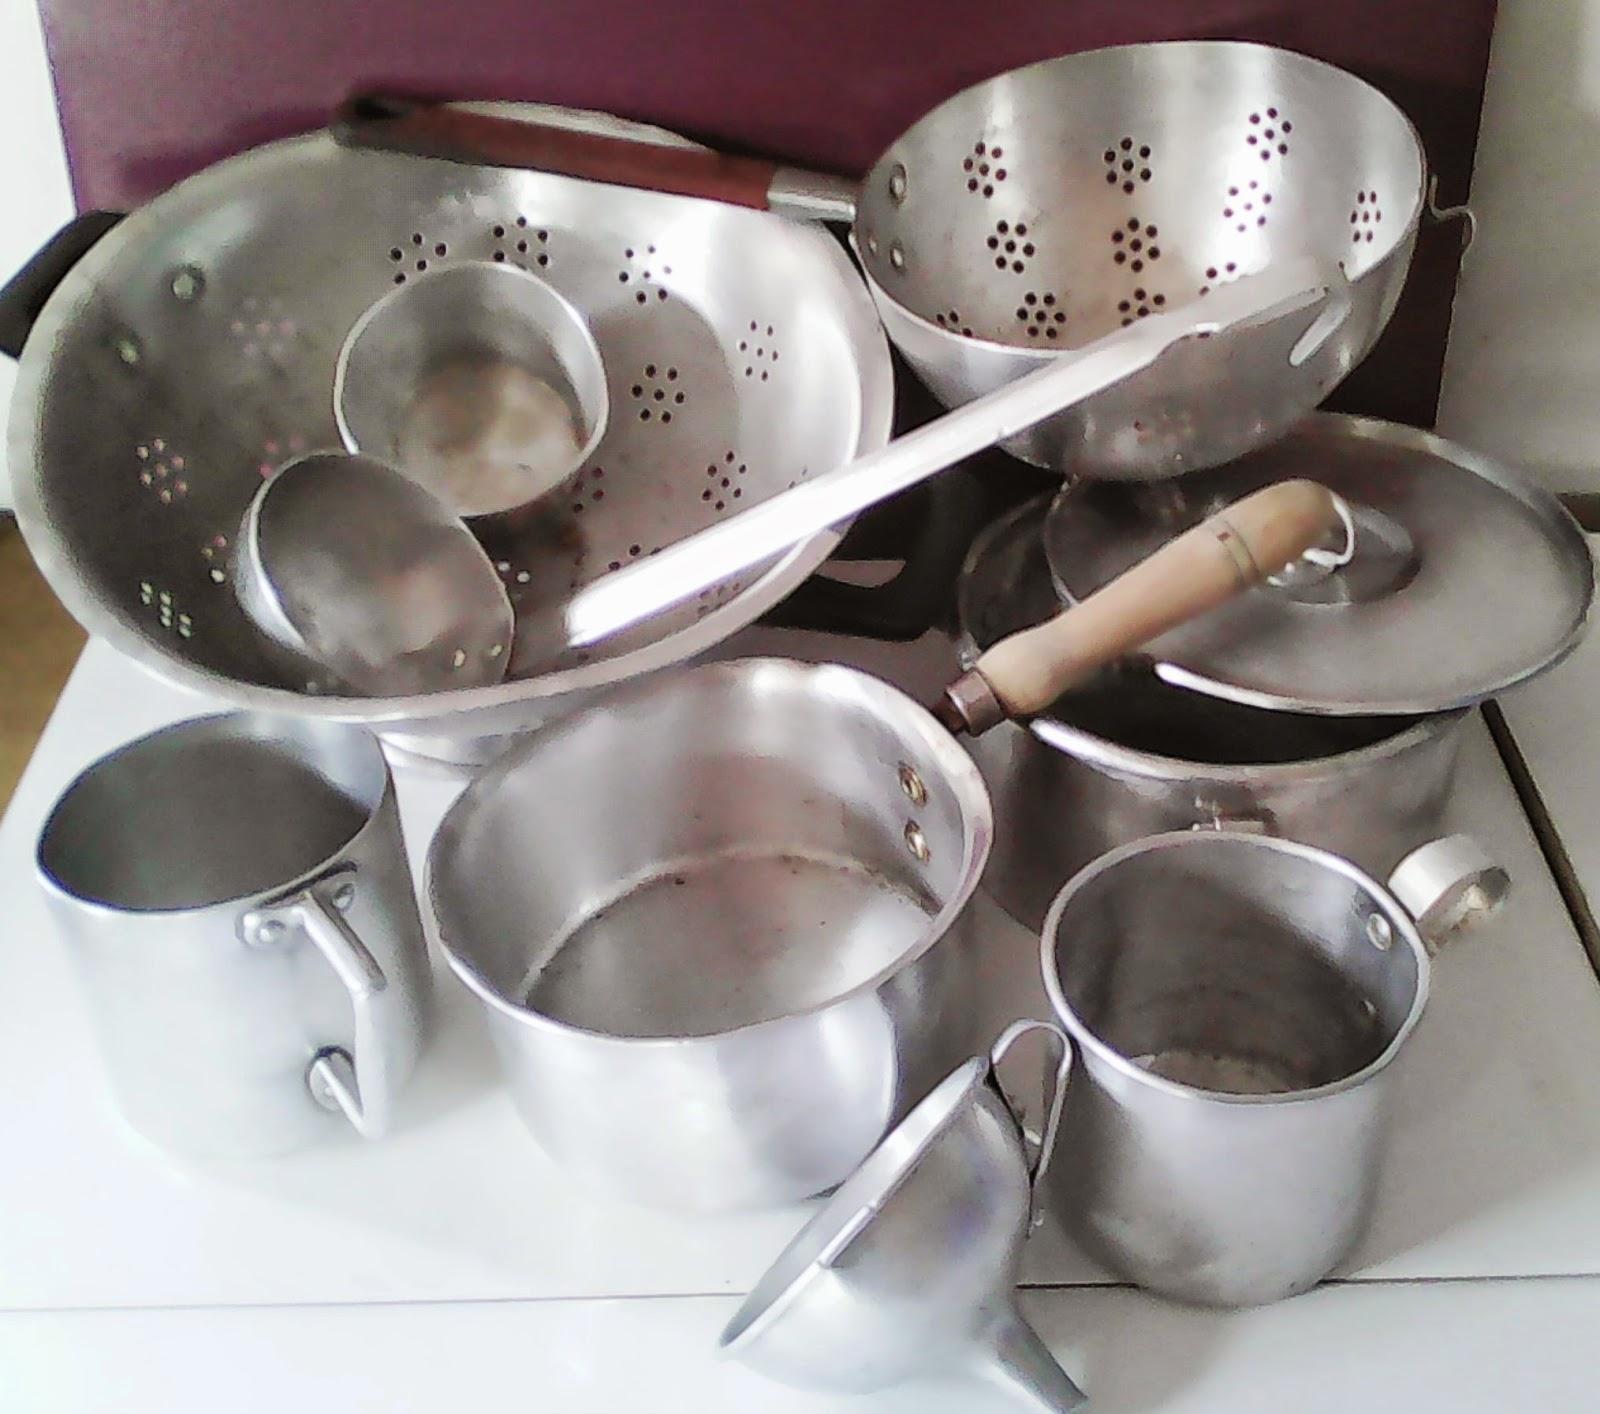 O desv n vintage do pereiro lote utensilios de cocina de for Utensilios cocina